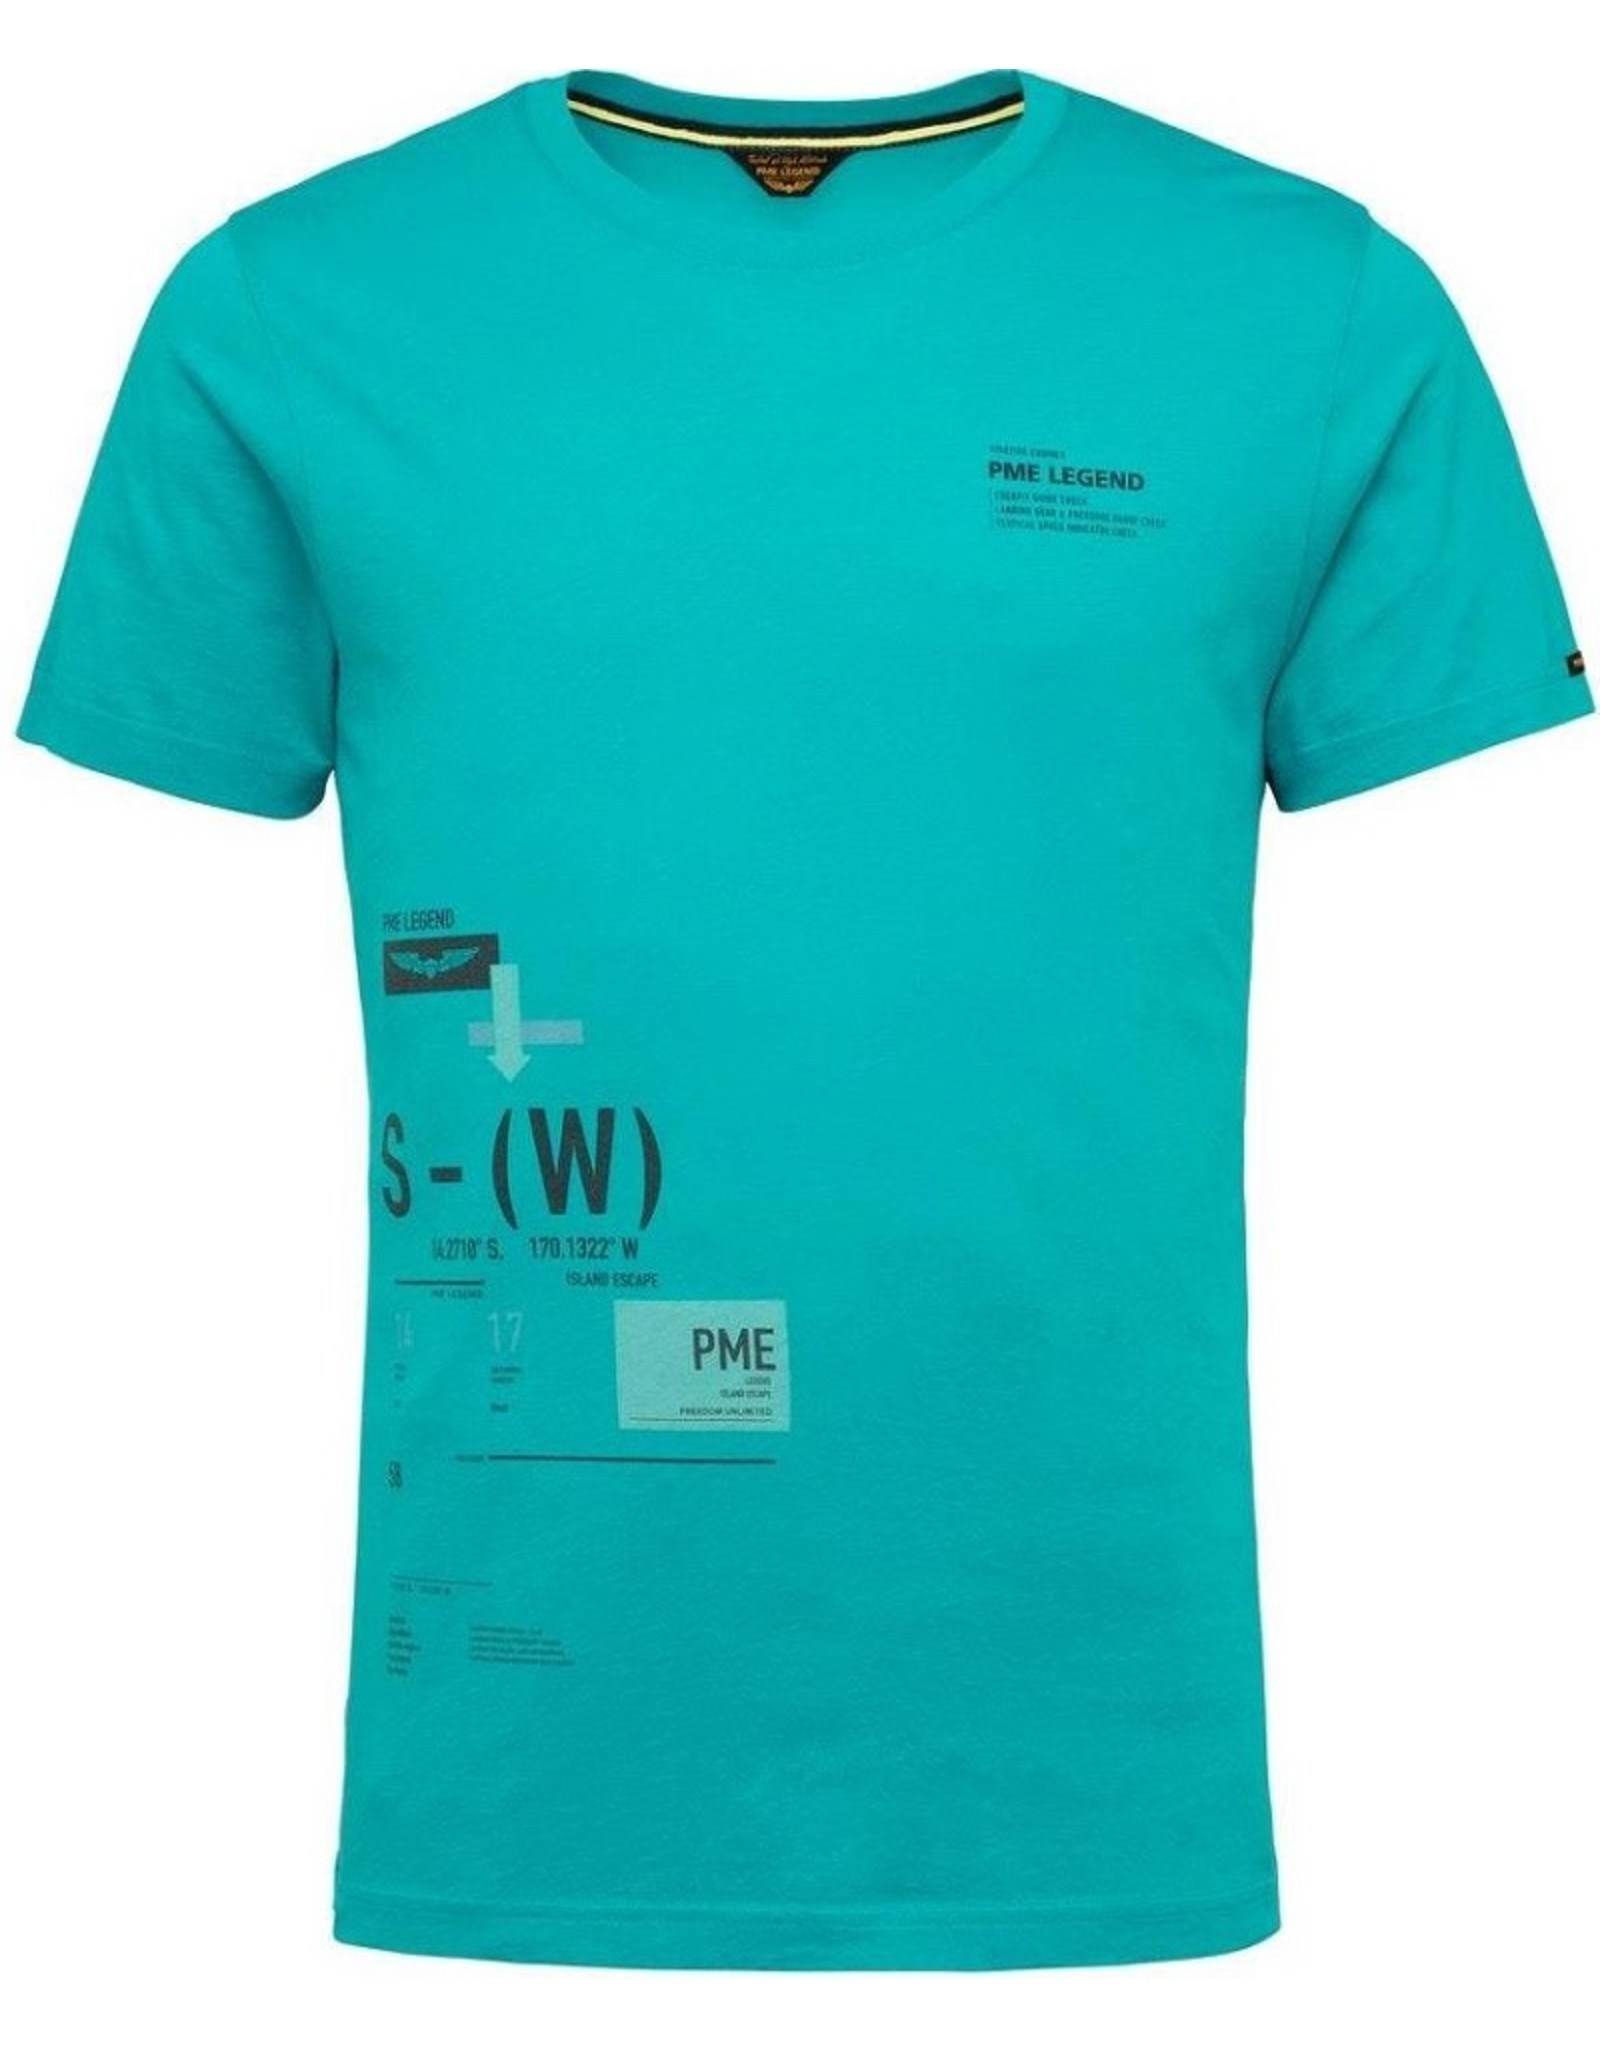 PME Legend PME Legend t-shirt Peacock blue 5225